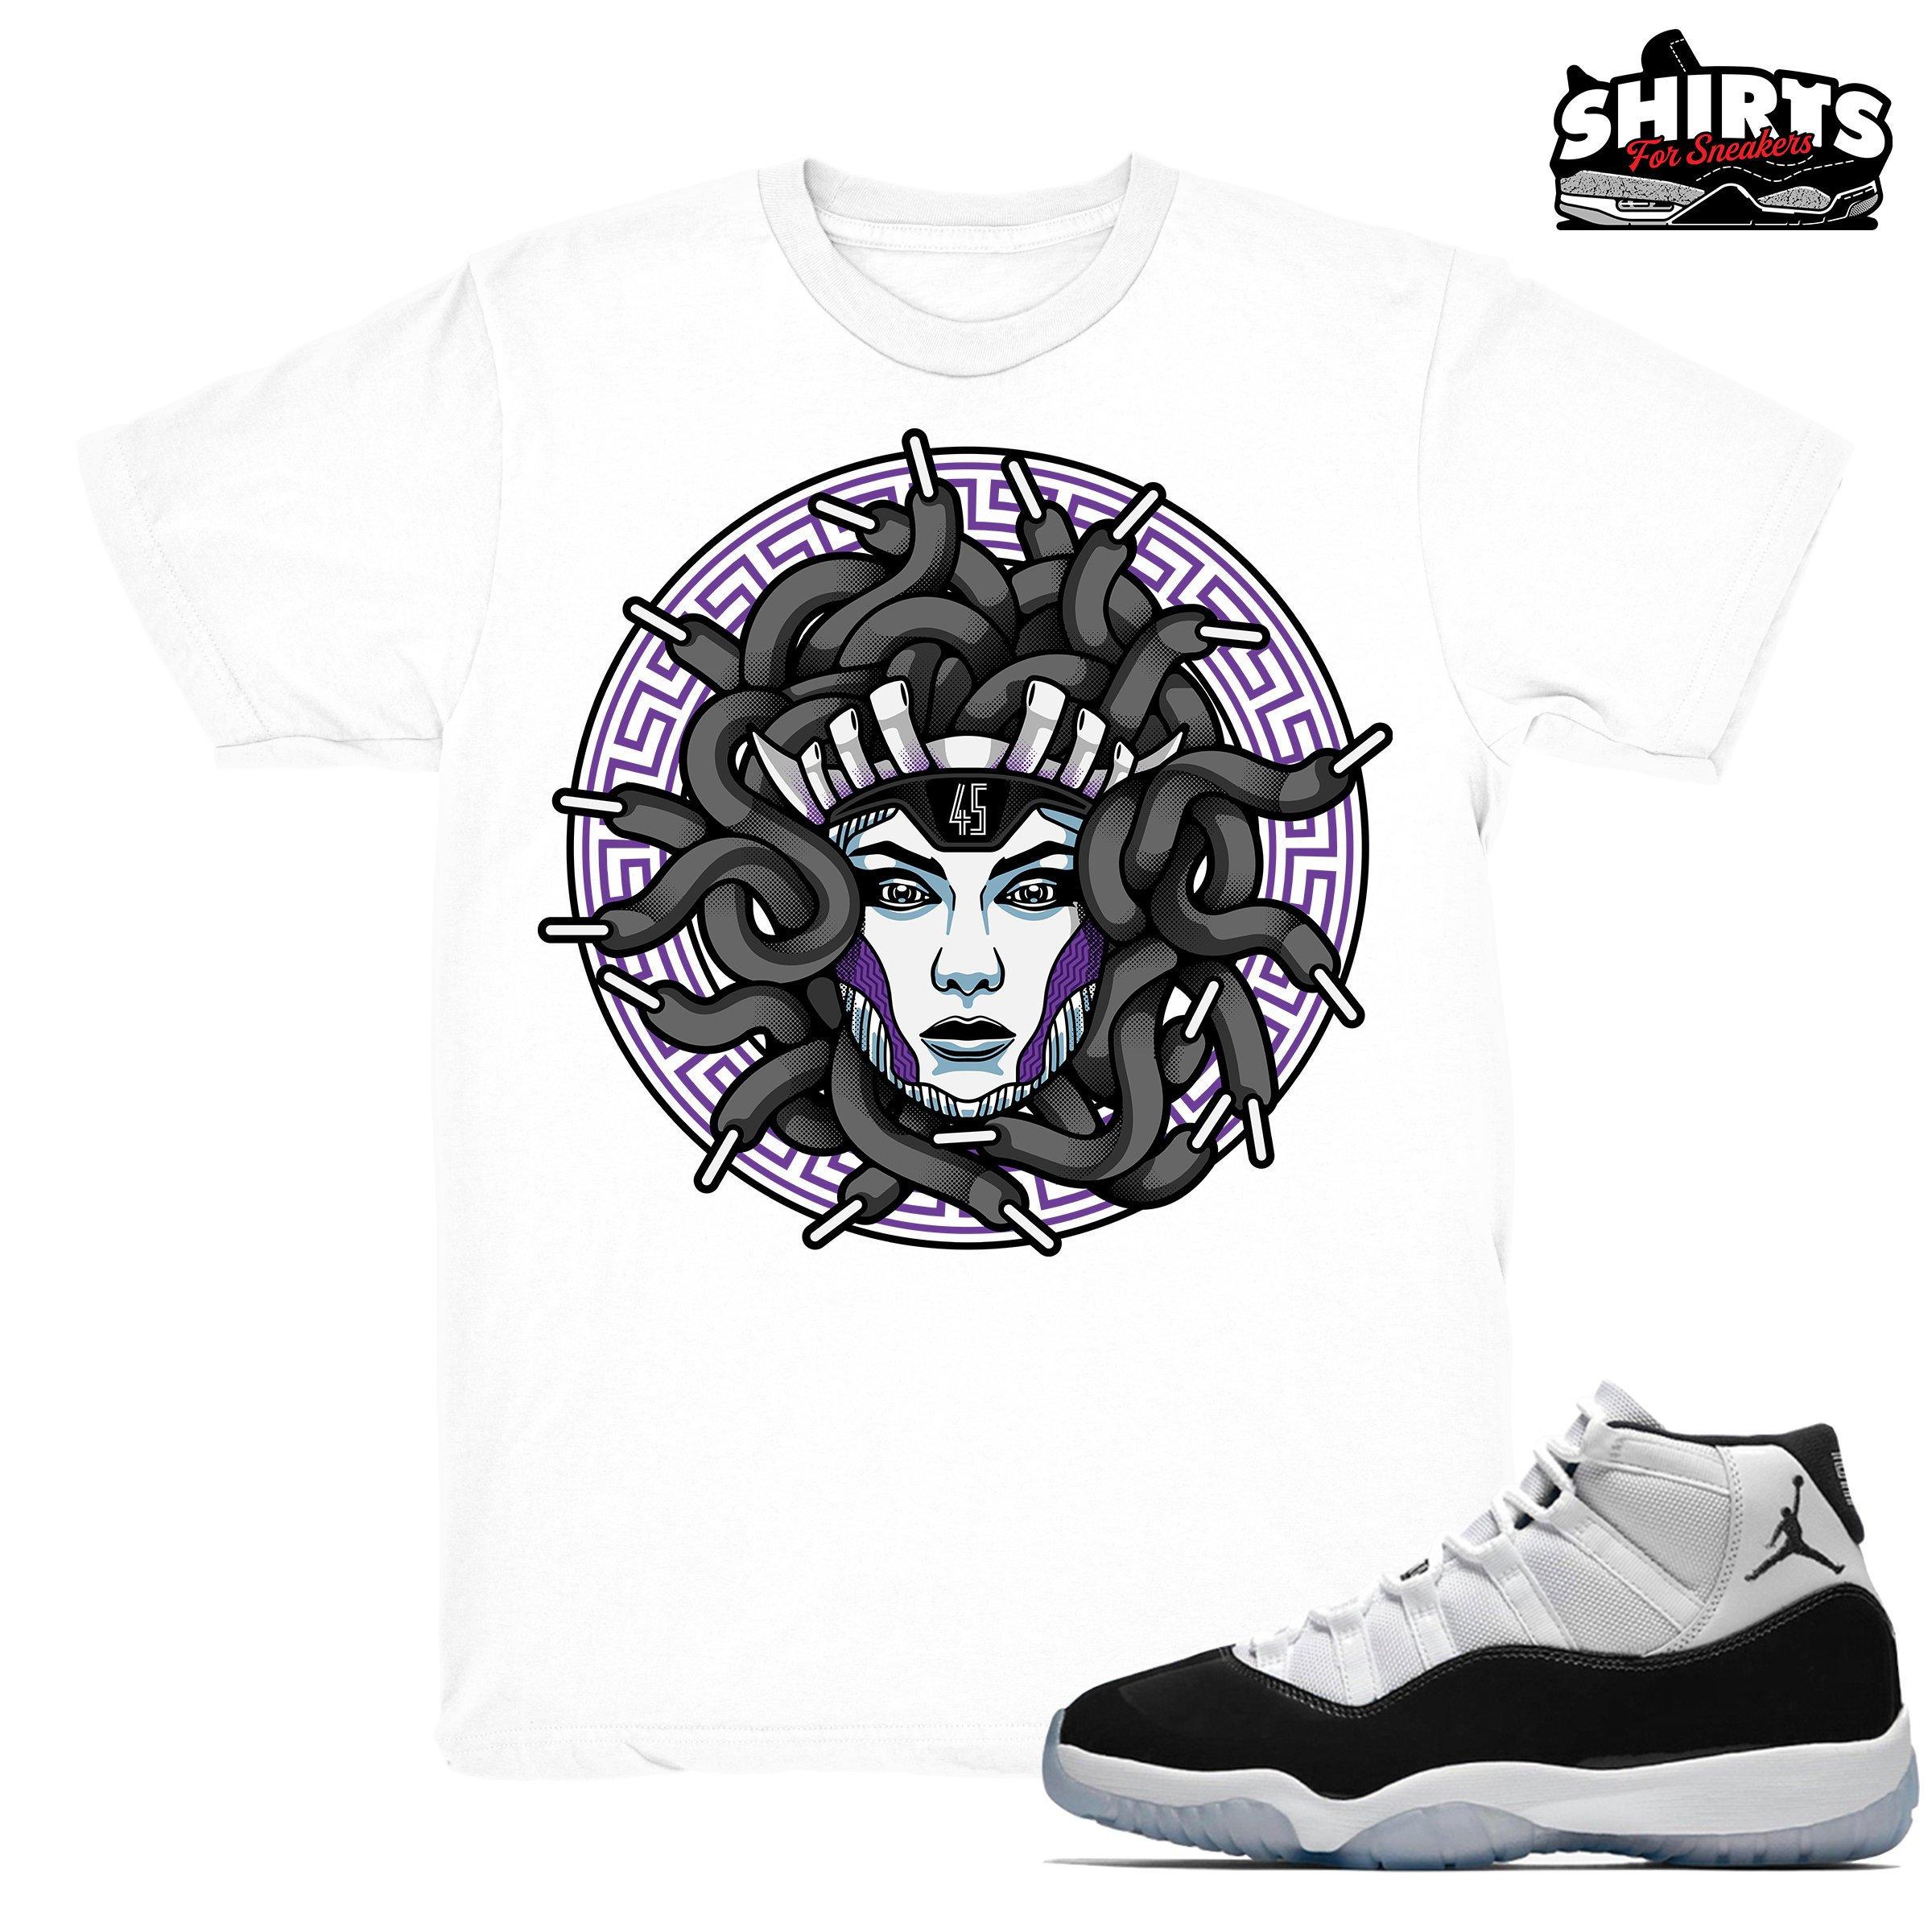 Air Jordan 11 Concord Shirt Medusa Laced Retro 11 Concord Etsy